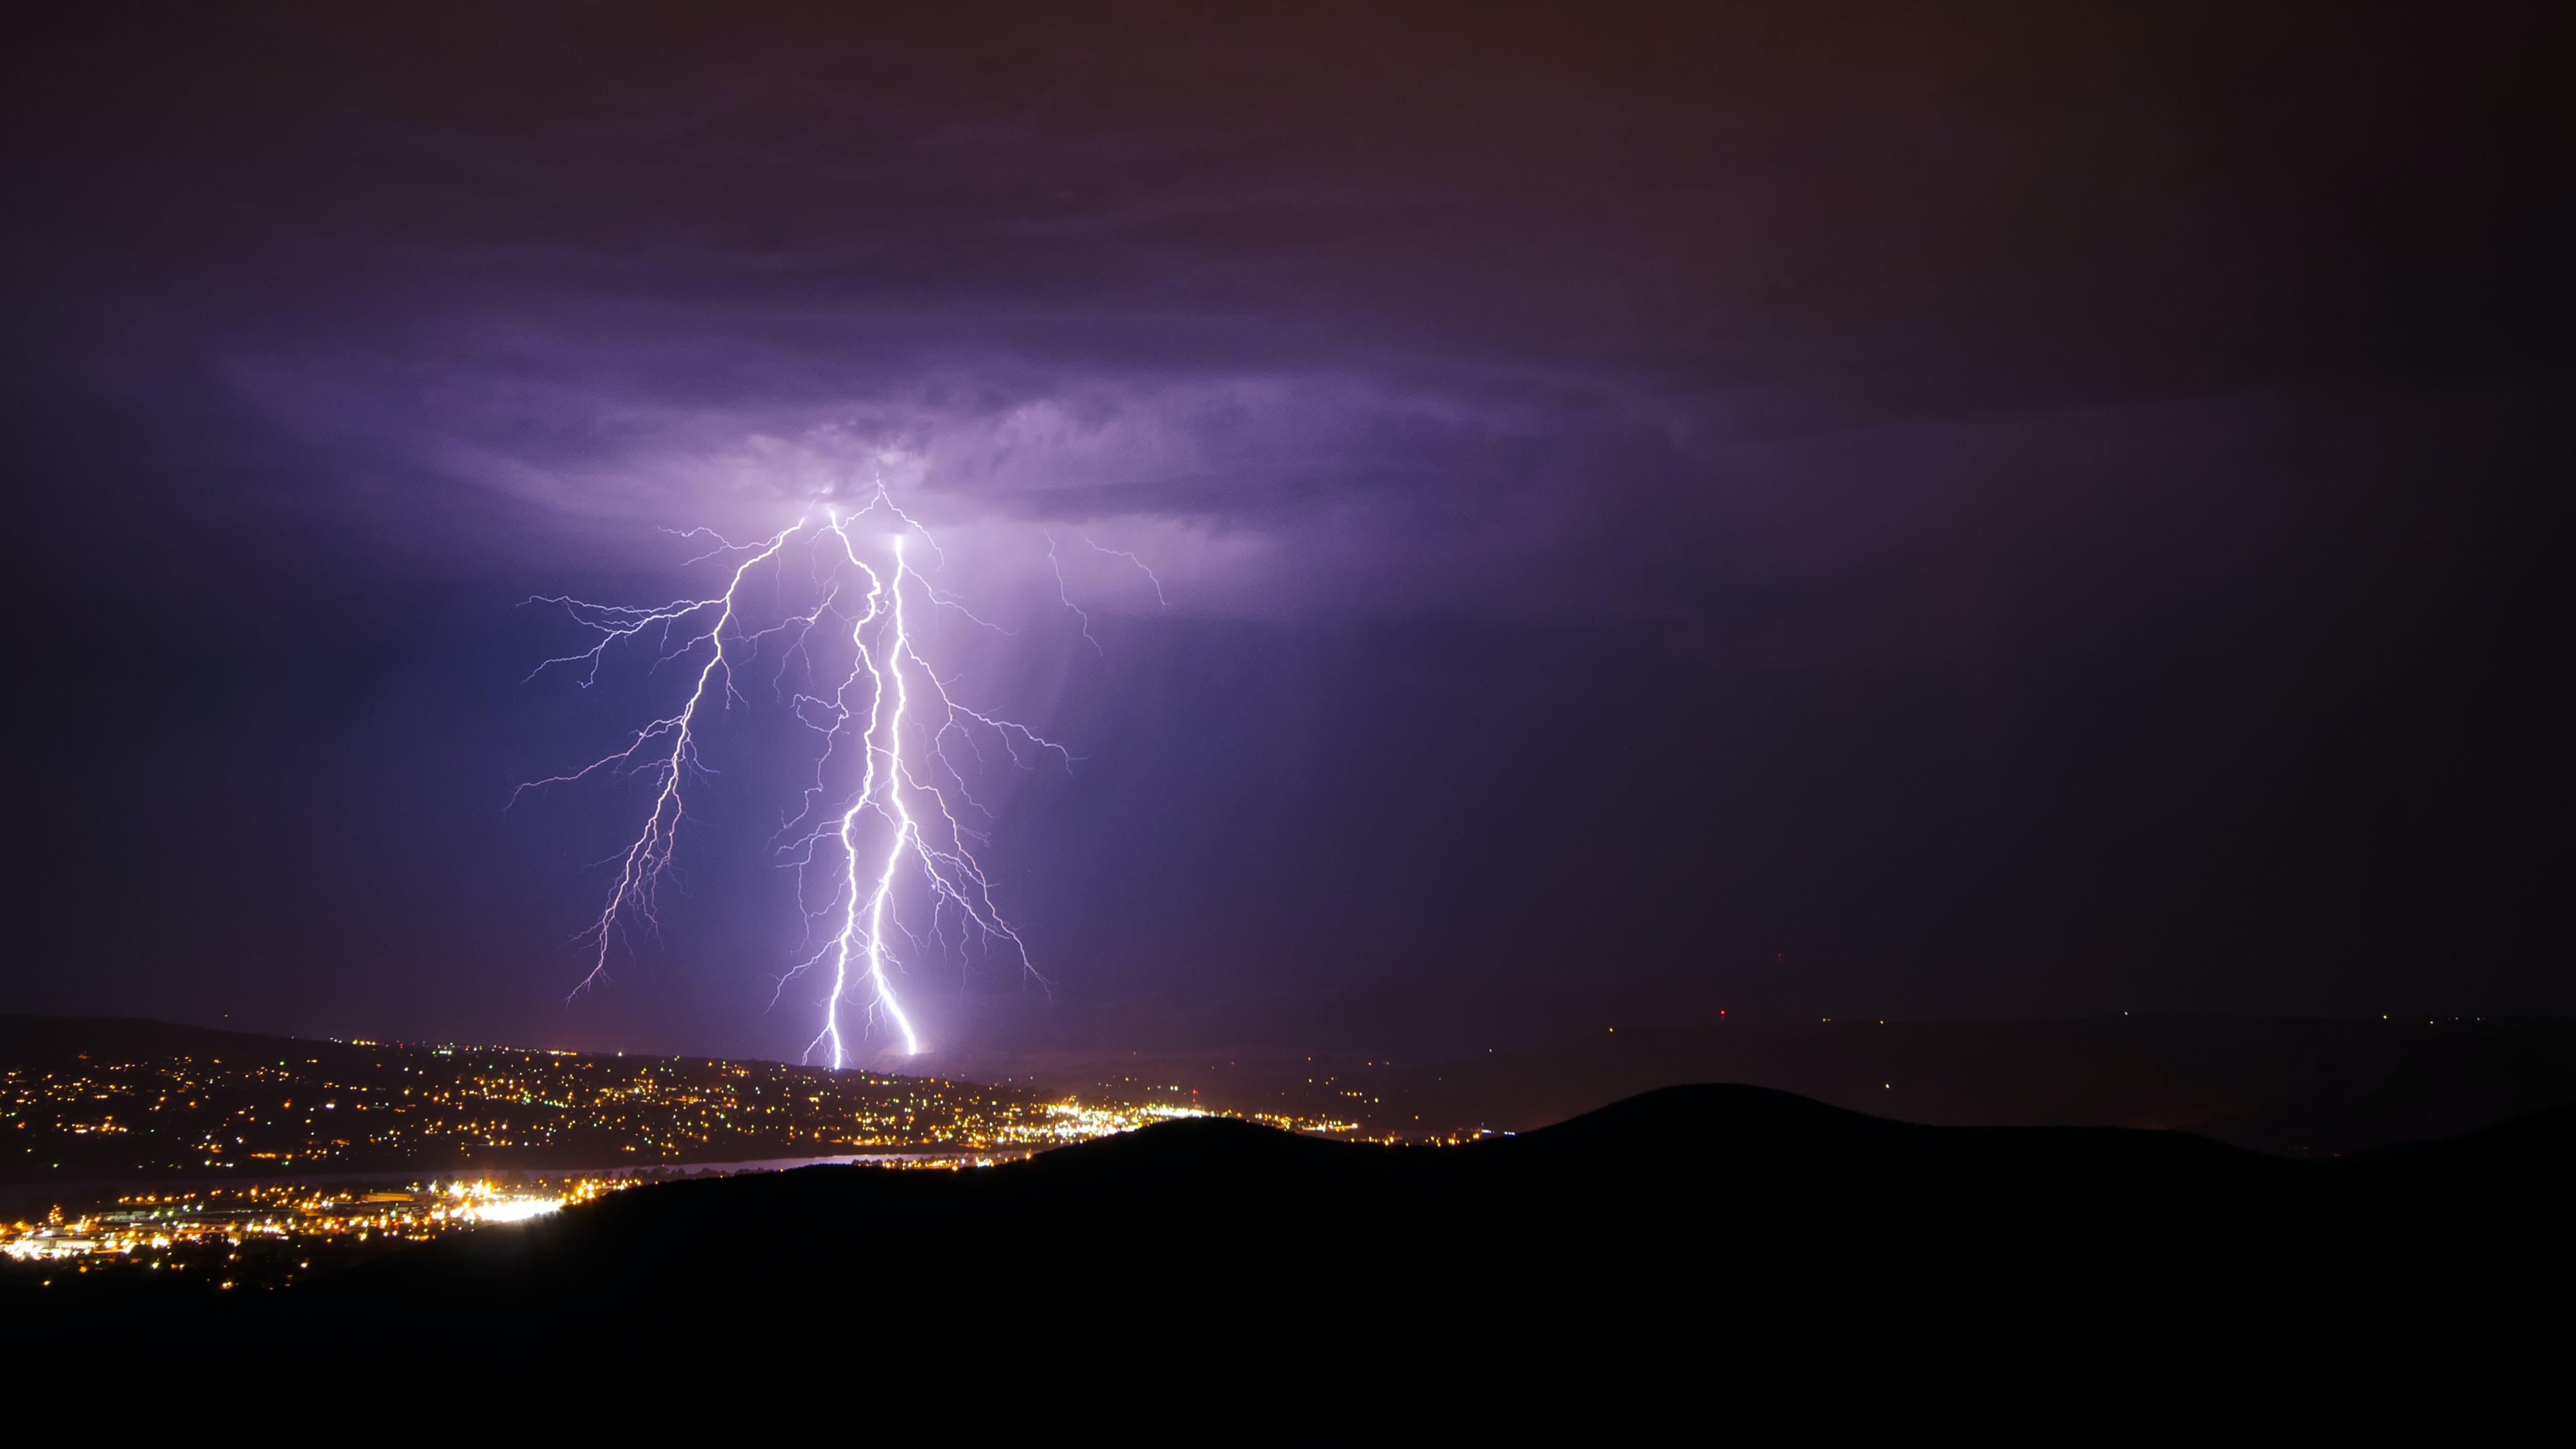 天空, 晚間, 漆黑, 螺栓 的 免費圖庫相片